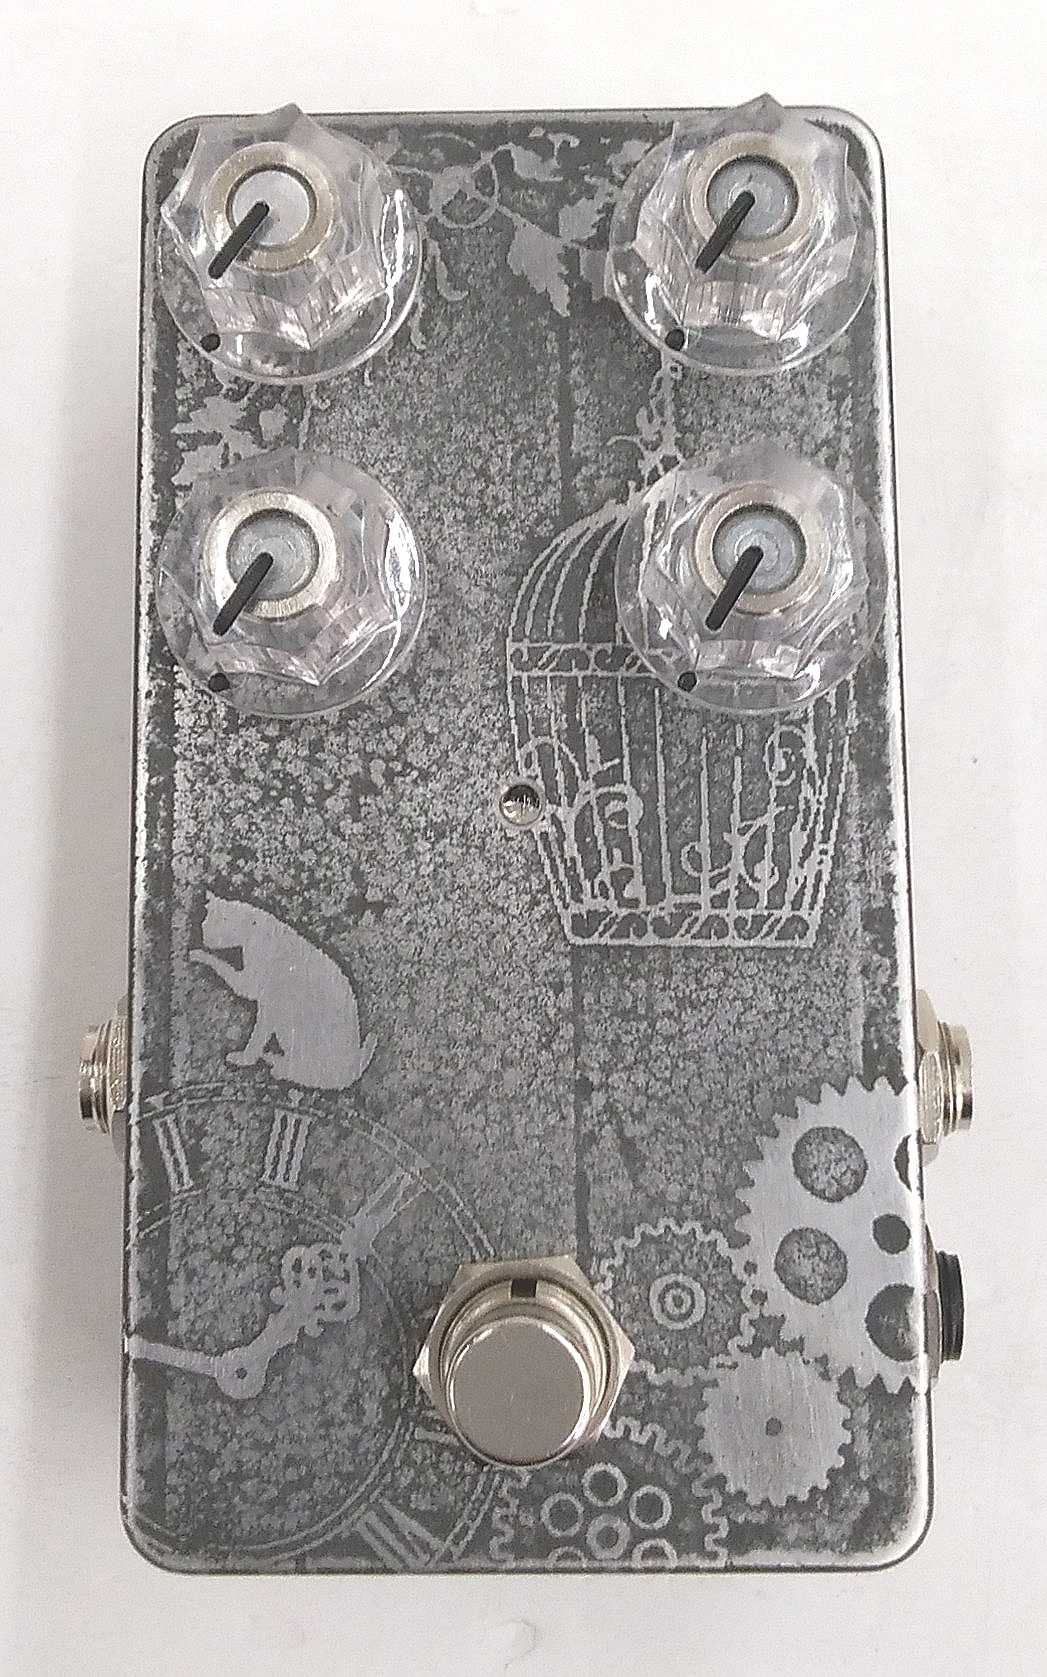 エフェクター・歪み系エフェクター|9OVERDRIVE9